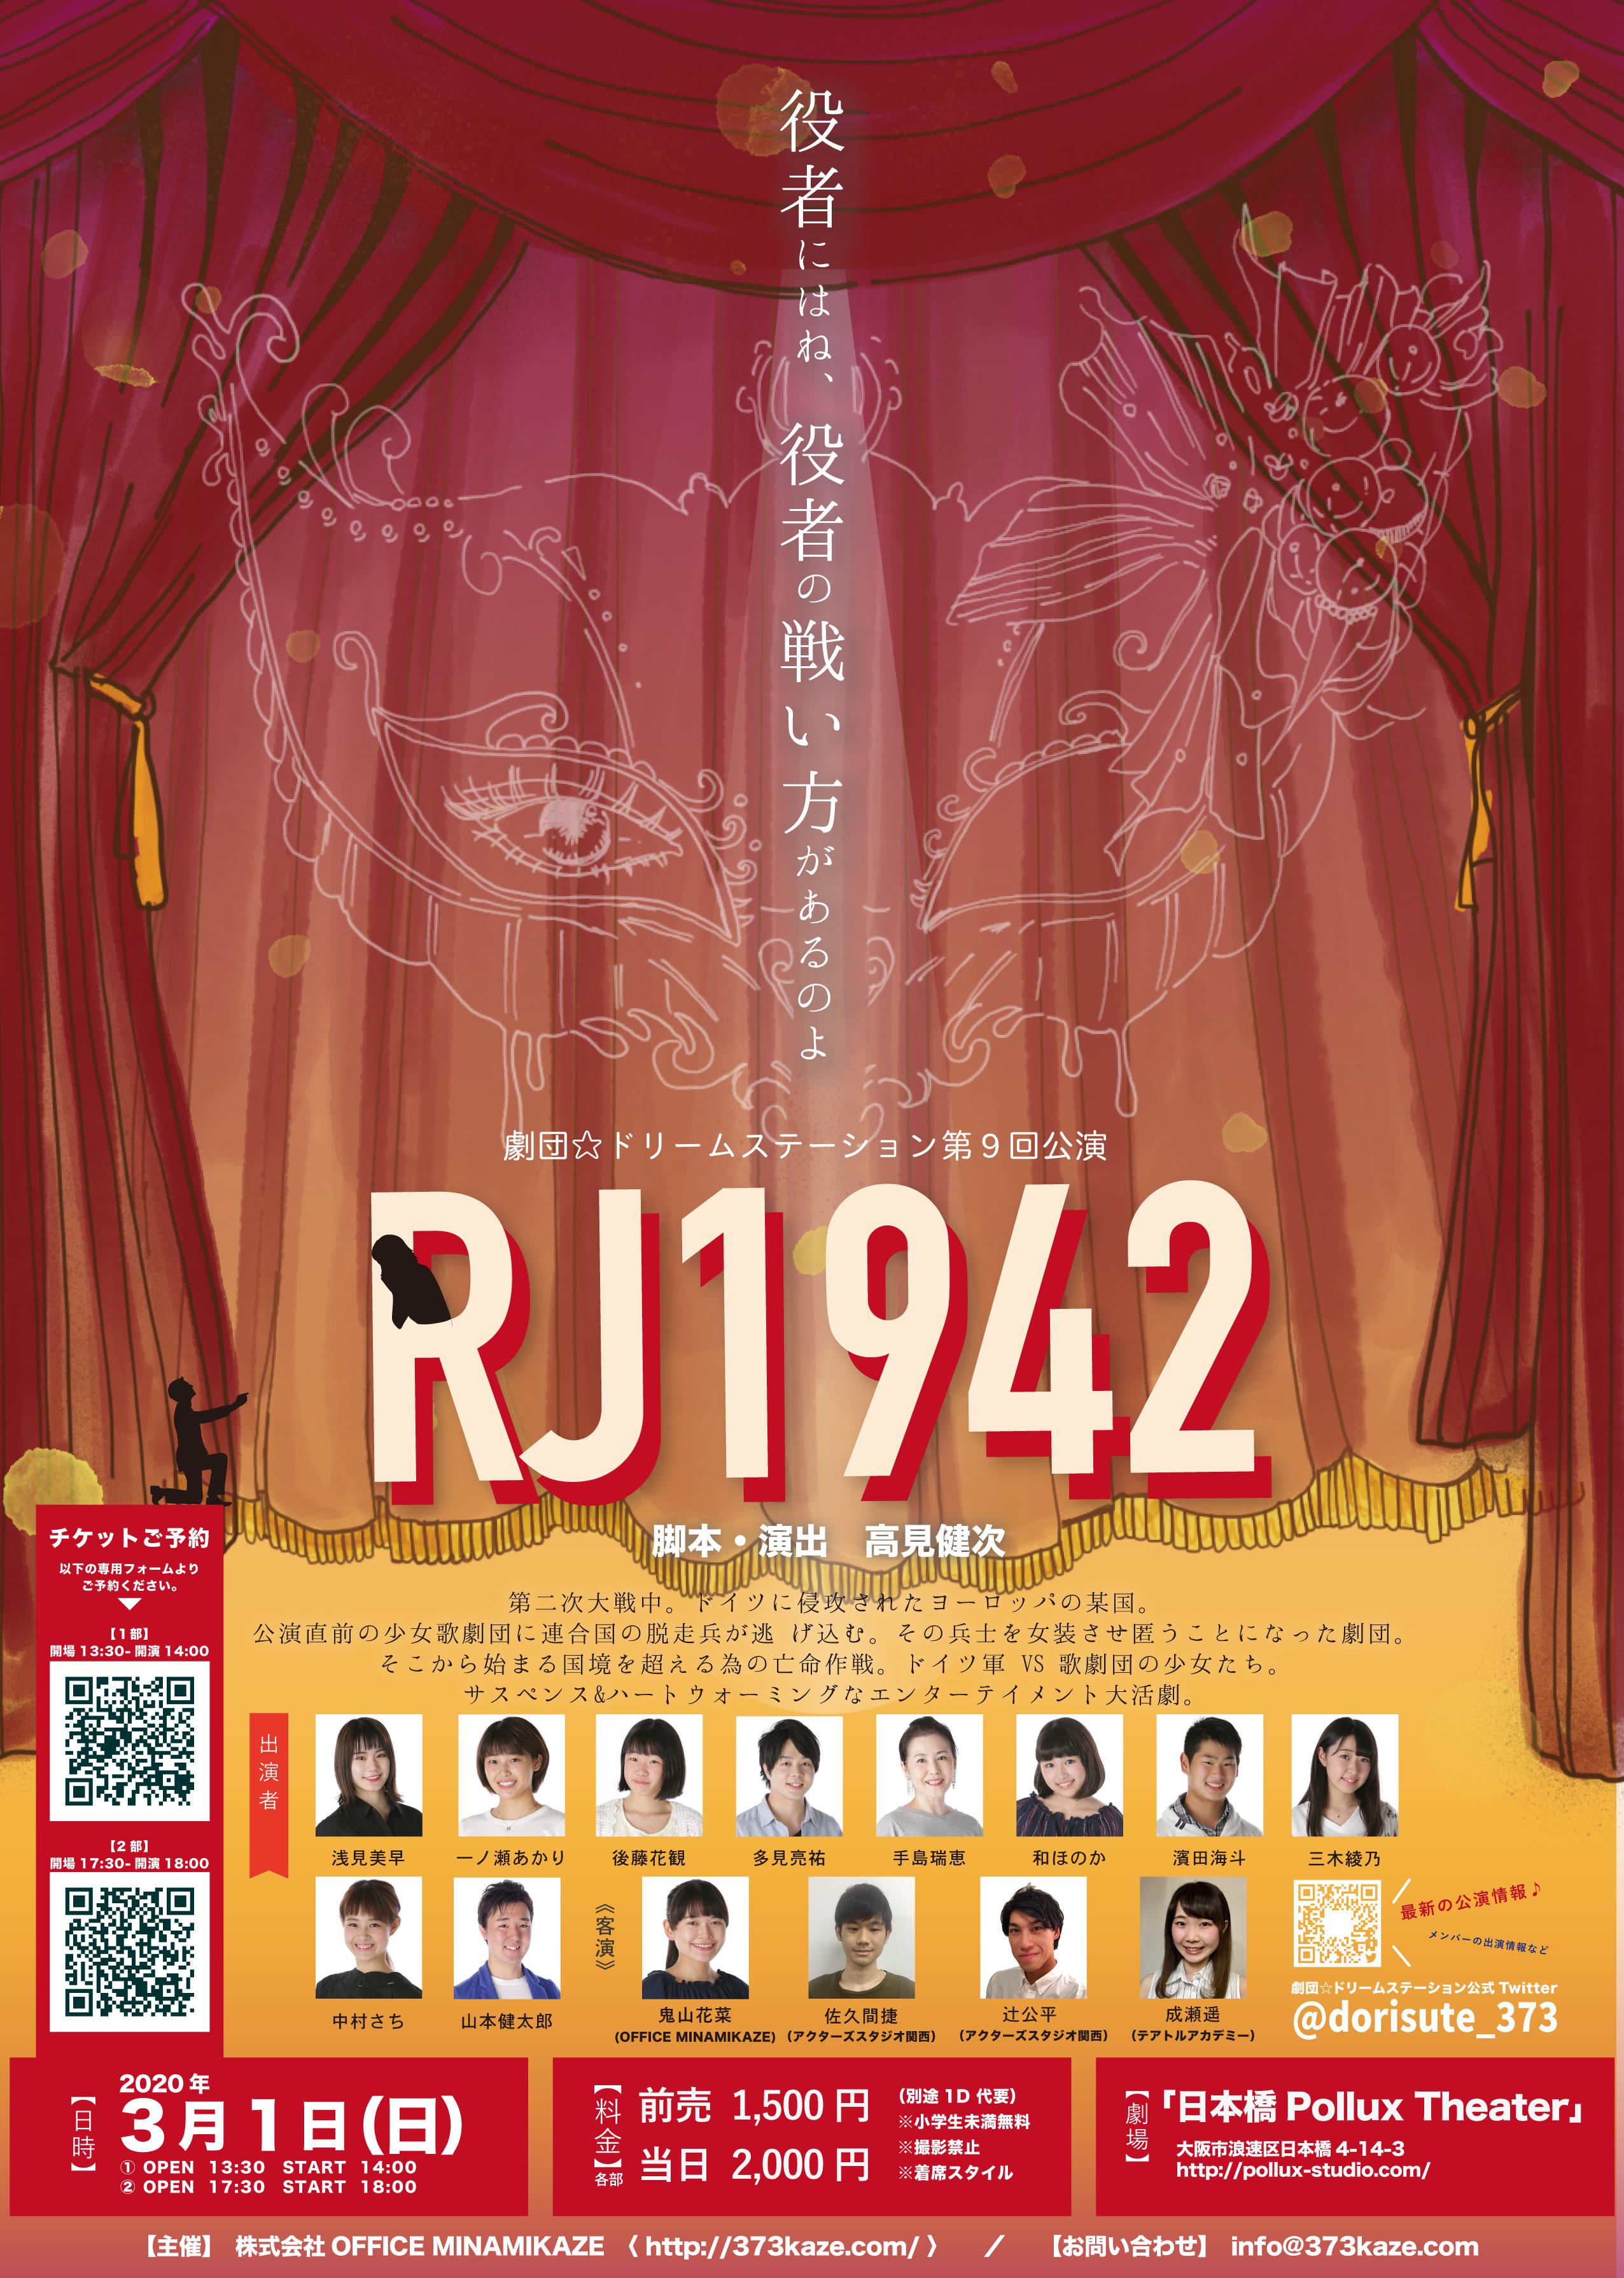 【公演情報】2020年3月1日(日)劇団☆ドリームステーション / 第9回公演『RJ1942』